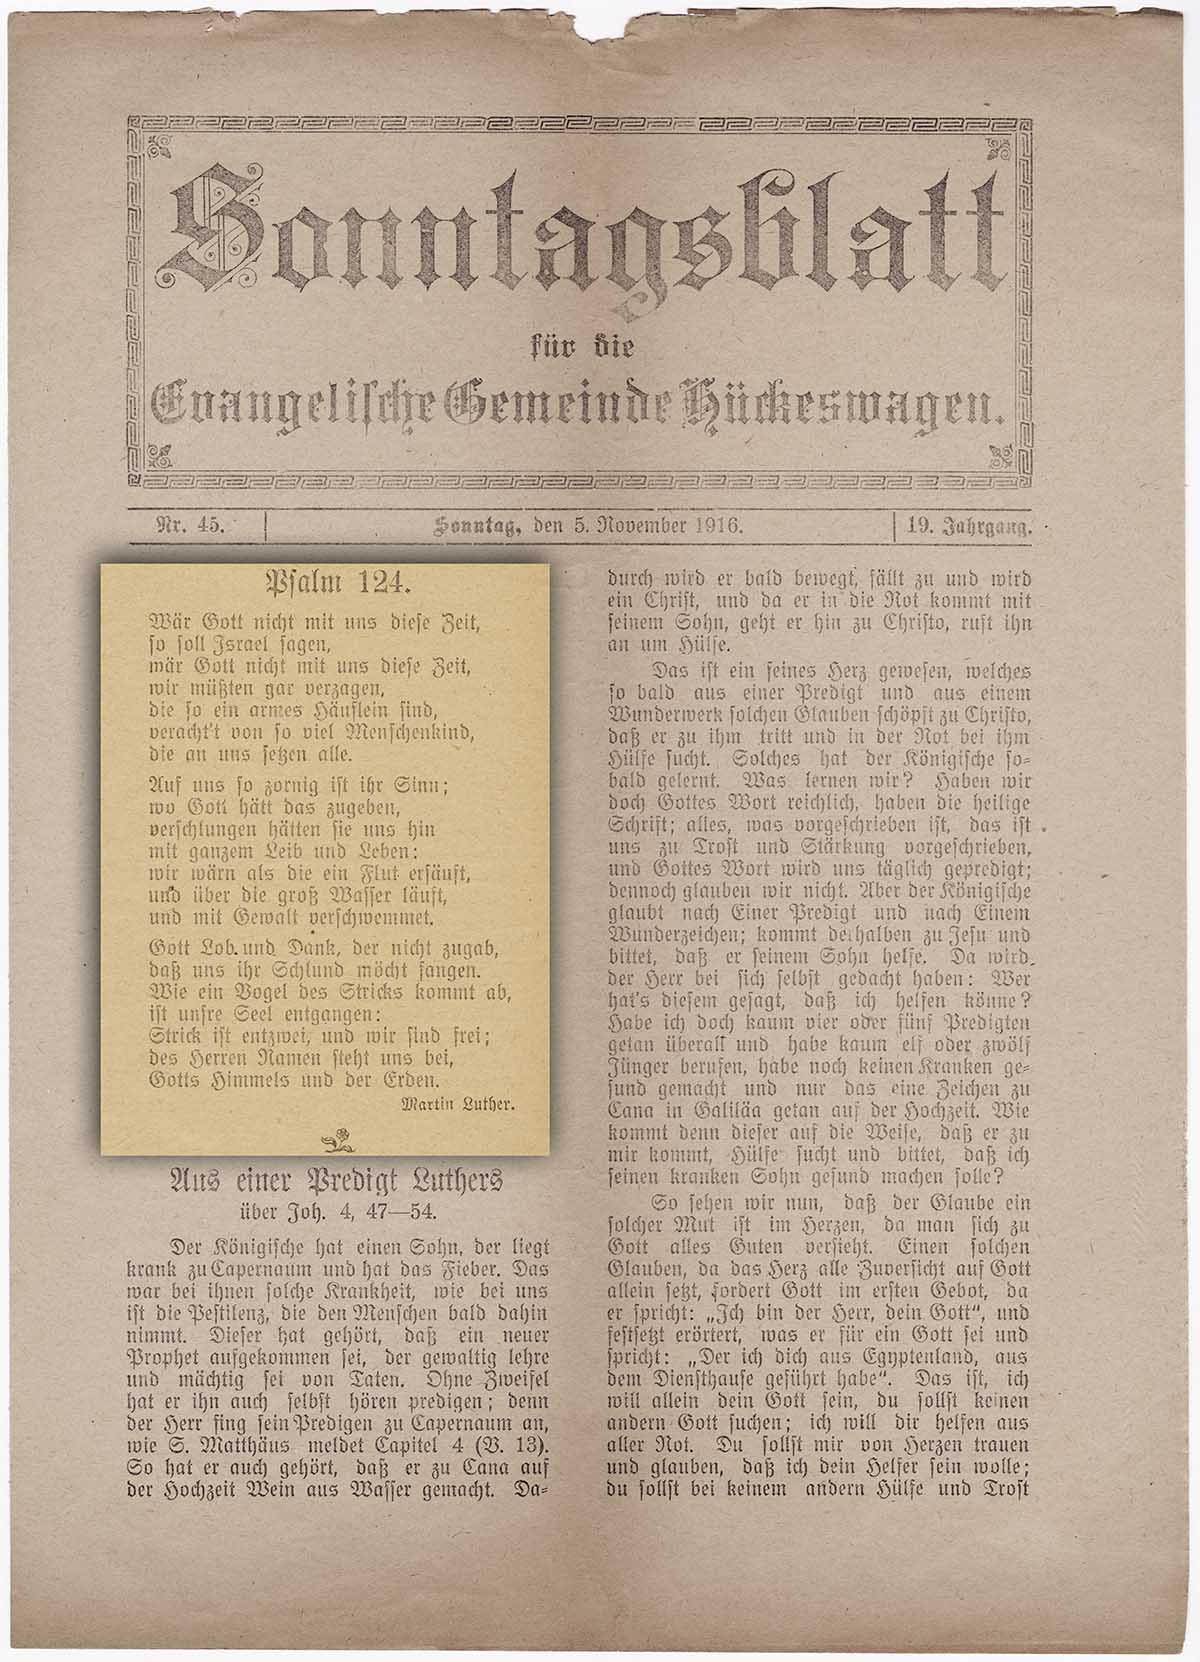 Dichtung Martin Luthers zu Psalm 124, aus Bestand : Sonntagsblatt für die Evangelische Gemeinde Hückeswagen, 5. November 1916 Nr.45, Jg.19;